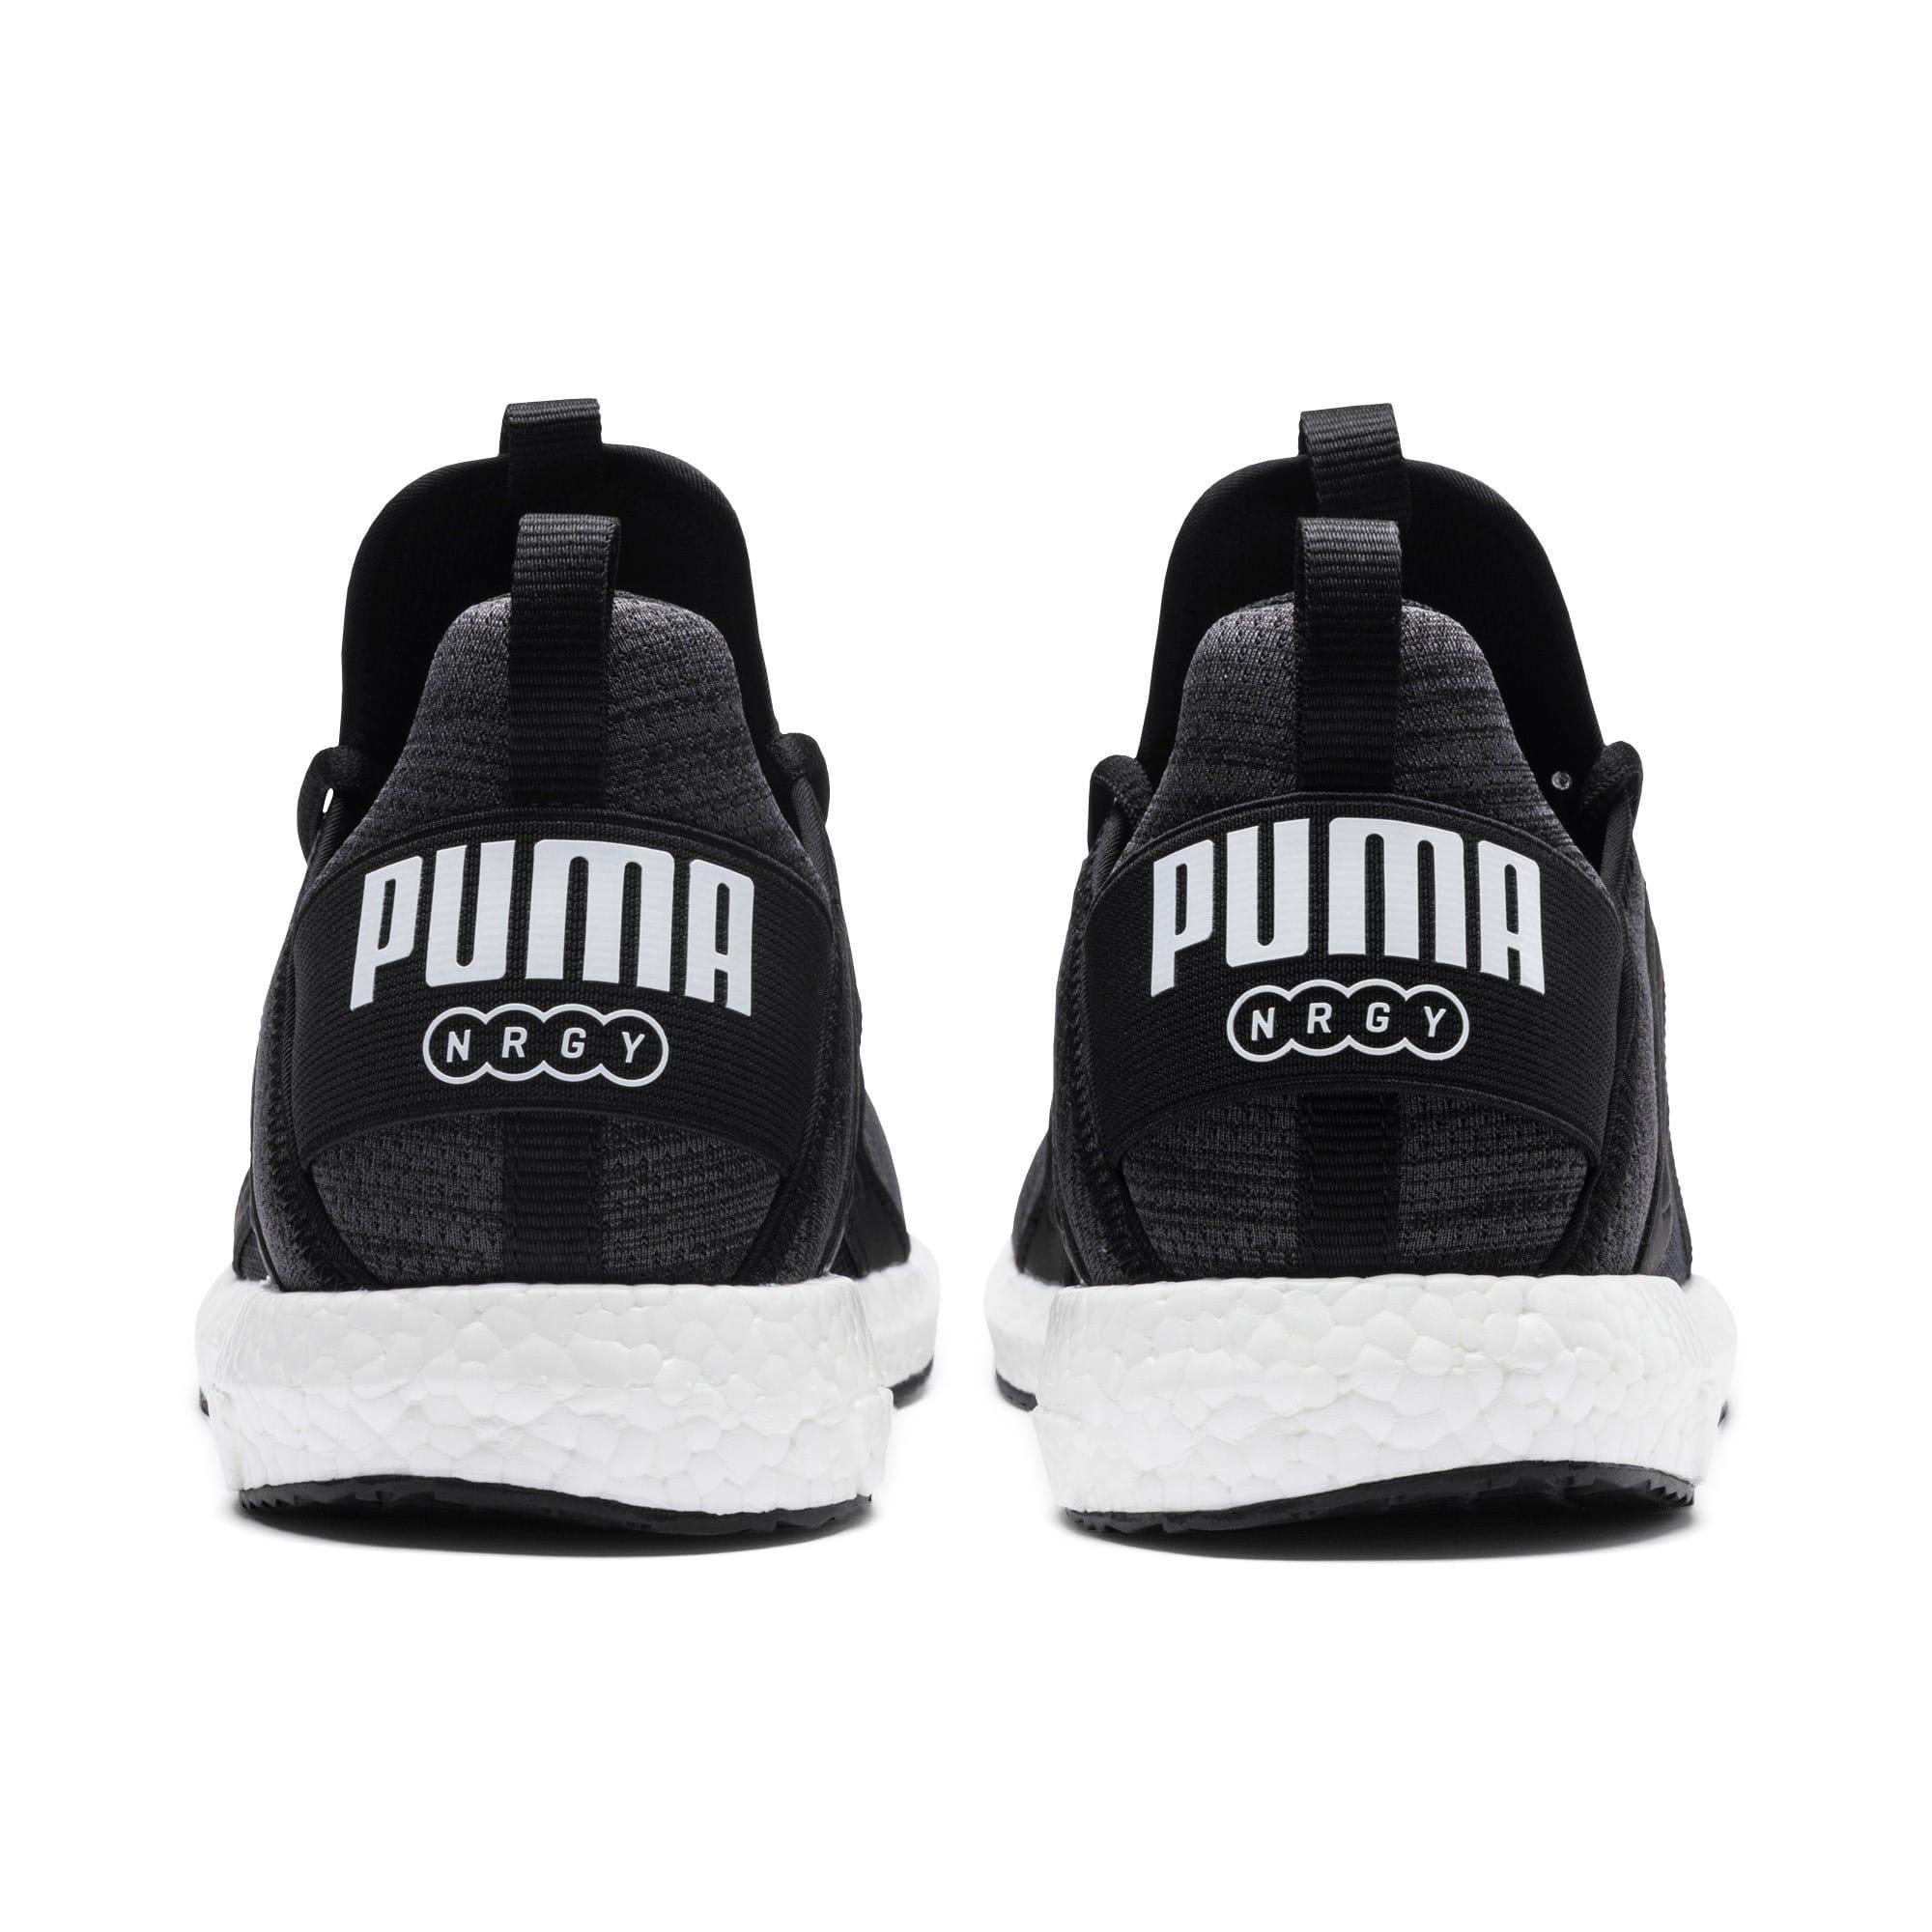 Miniatura 4 de Zapatos para correr Mega NRGY  Heather Knit para hombre, Puma Black-Iron Gate-Blanco, mediano